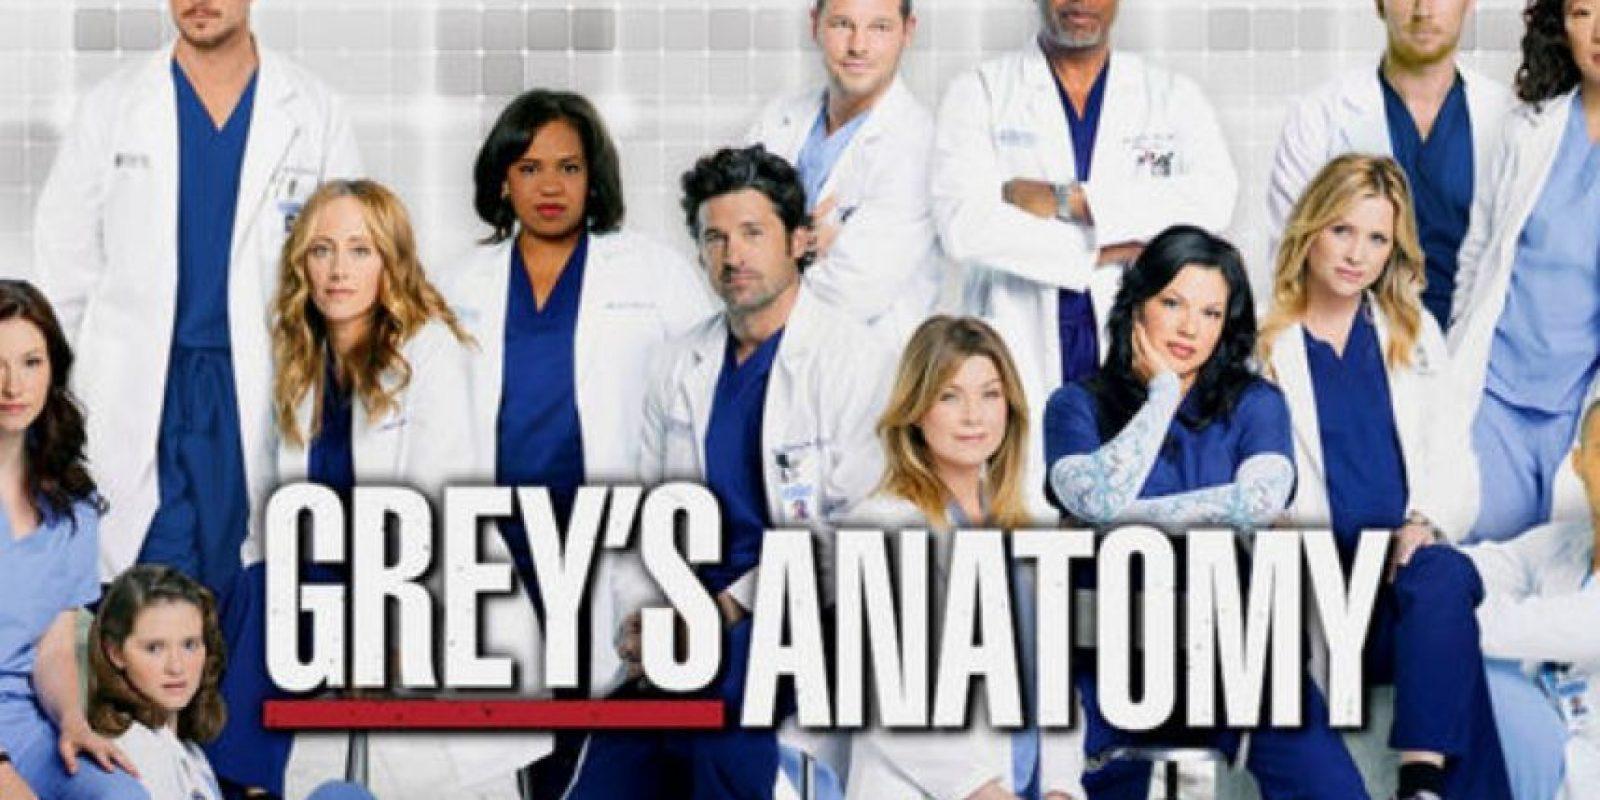 """""""Grey's Anatony – Temporada 11"""". Disponible a partir del 1 de septiembre. Foto:ABC"""